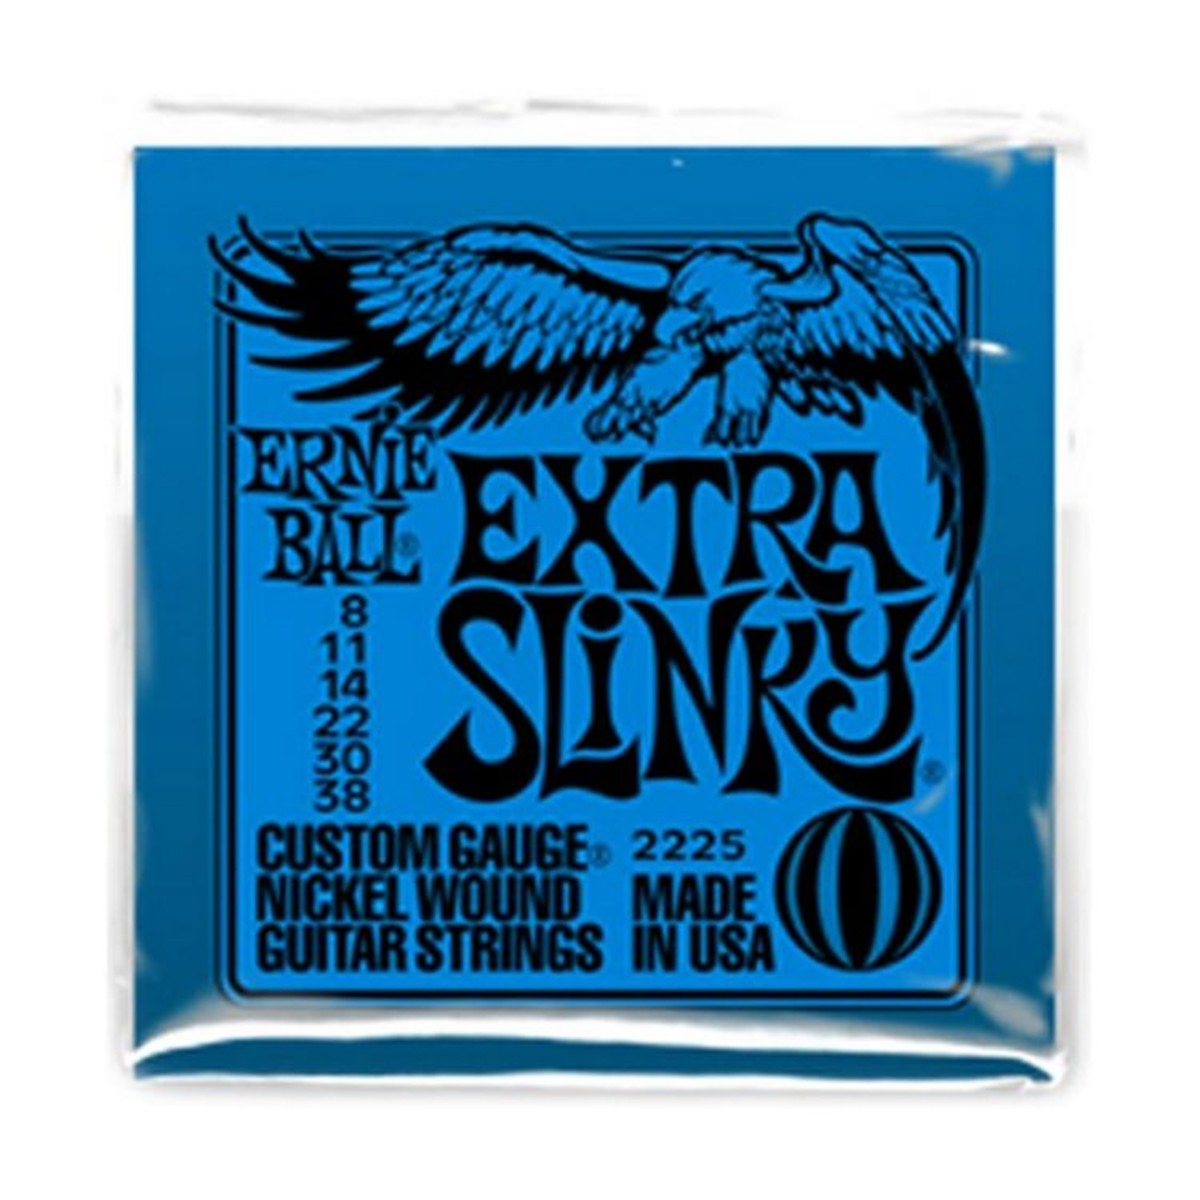 Ernie Ball Extra Slinky Strings 08-38